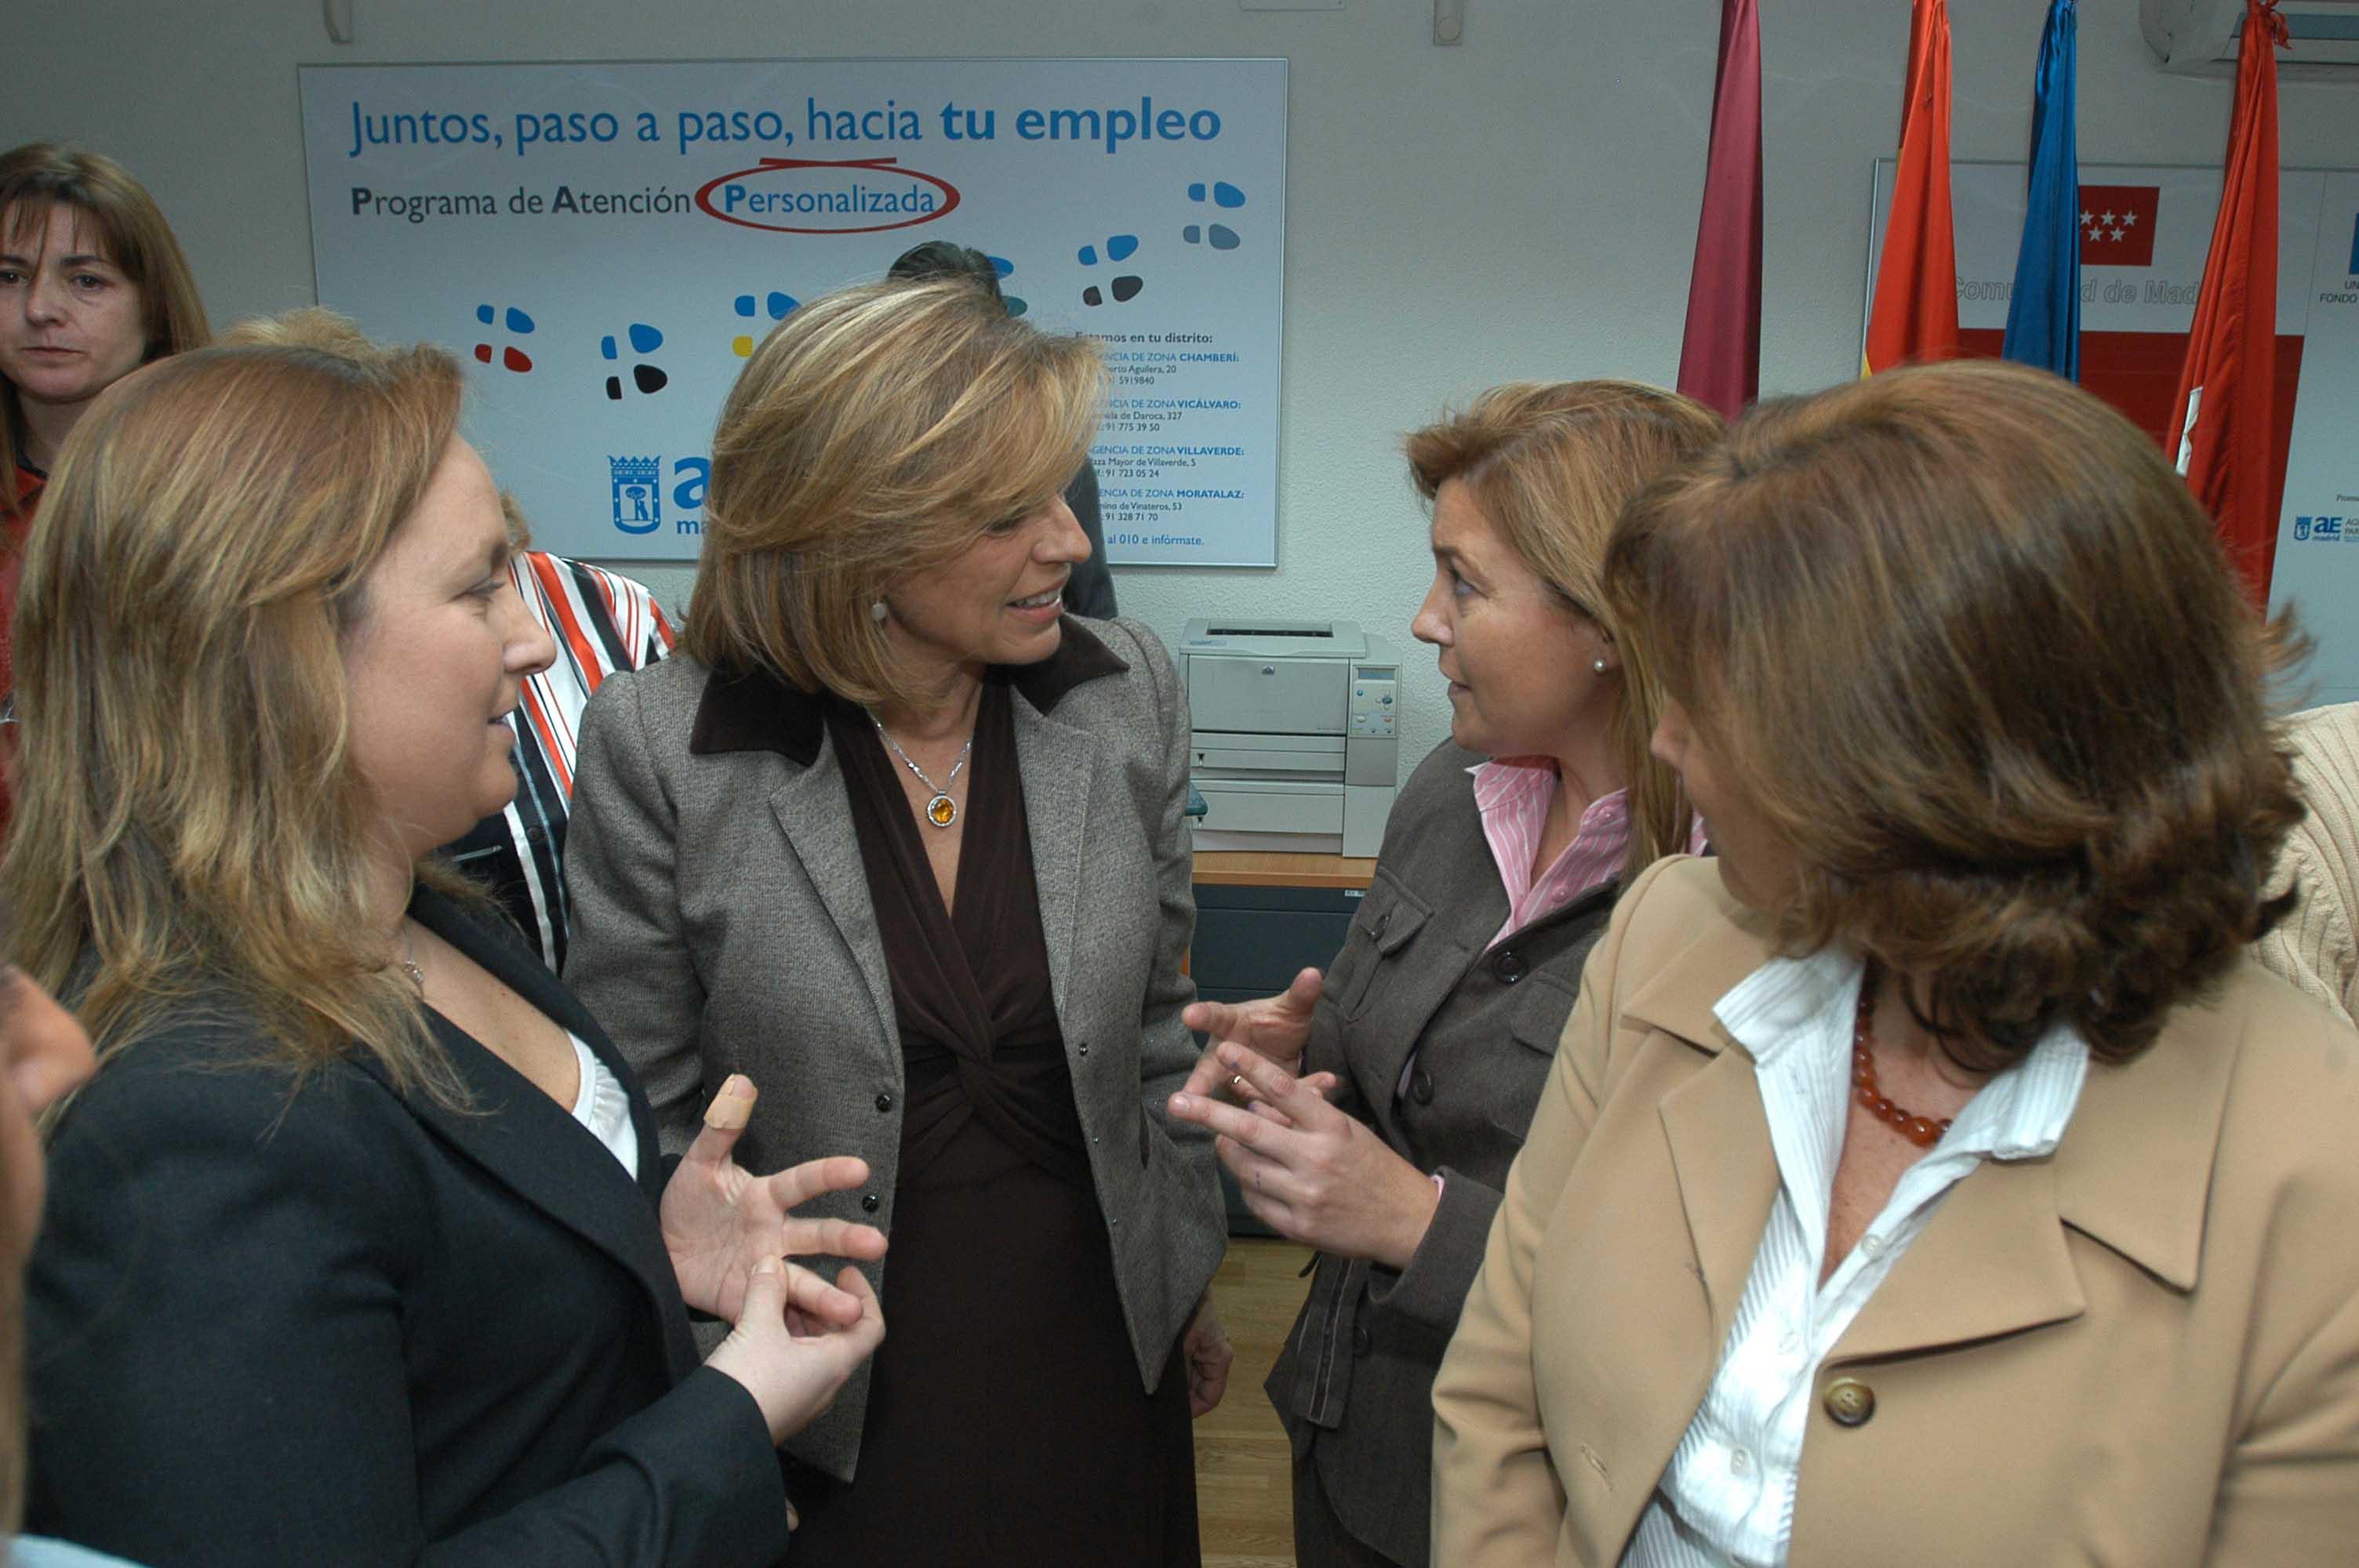 Nueva agencia de empleo para moratalaz puente de vallecas for Agencia de empleo madrid